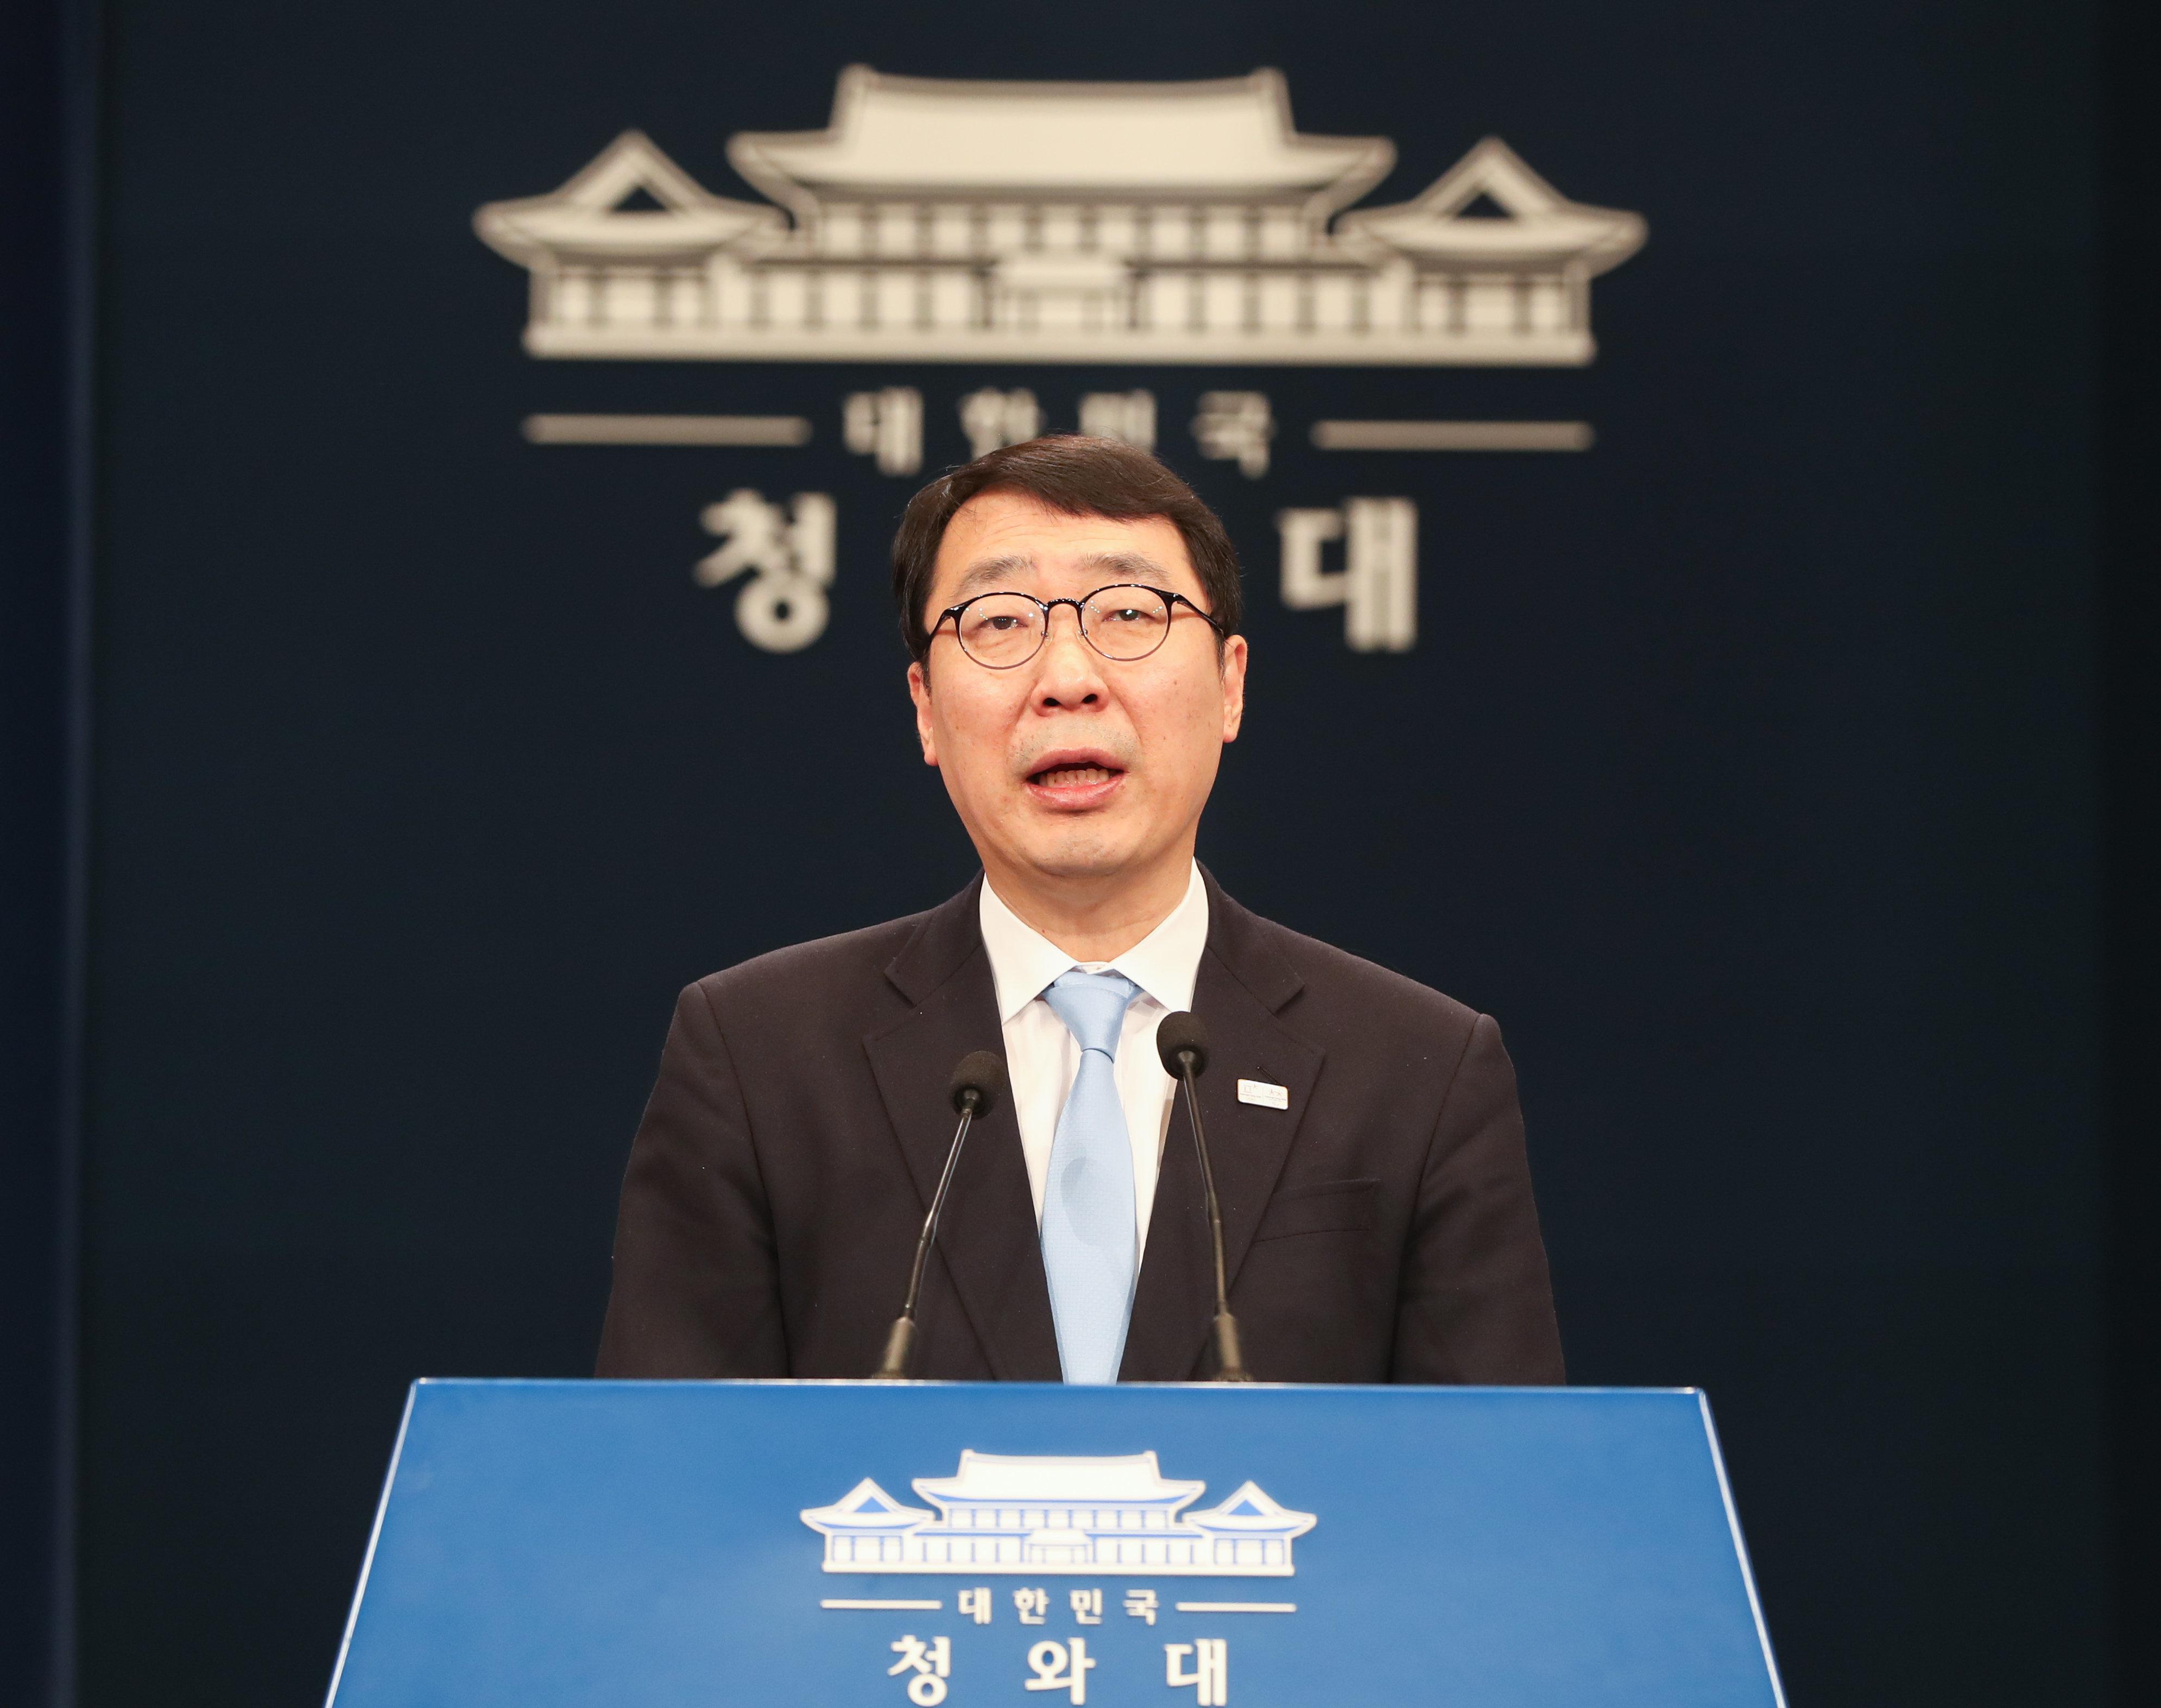 청와대가 북한의 핵실험 중지 발표를 환영했다